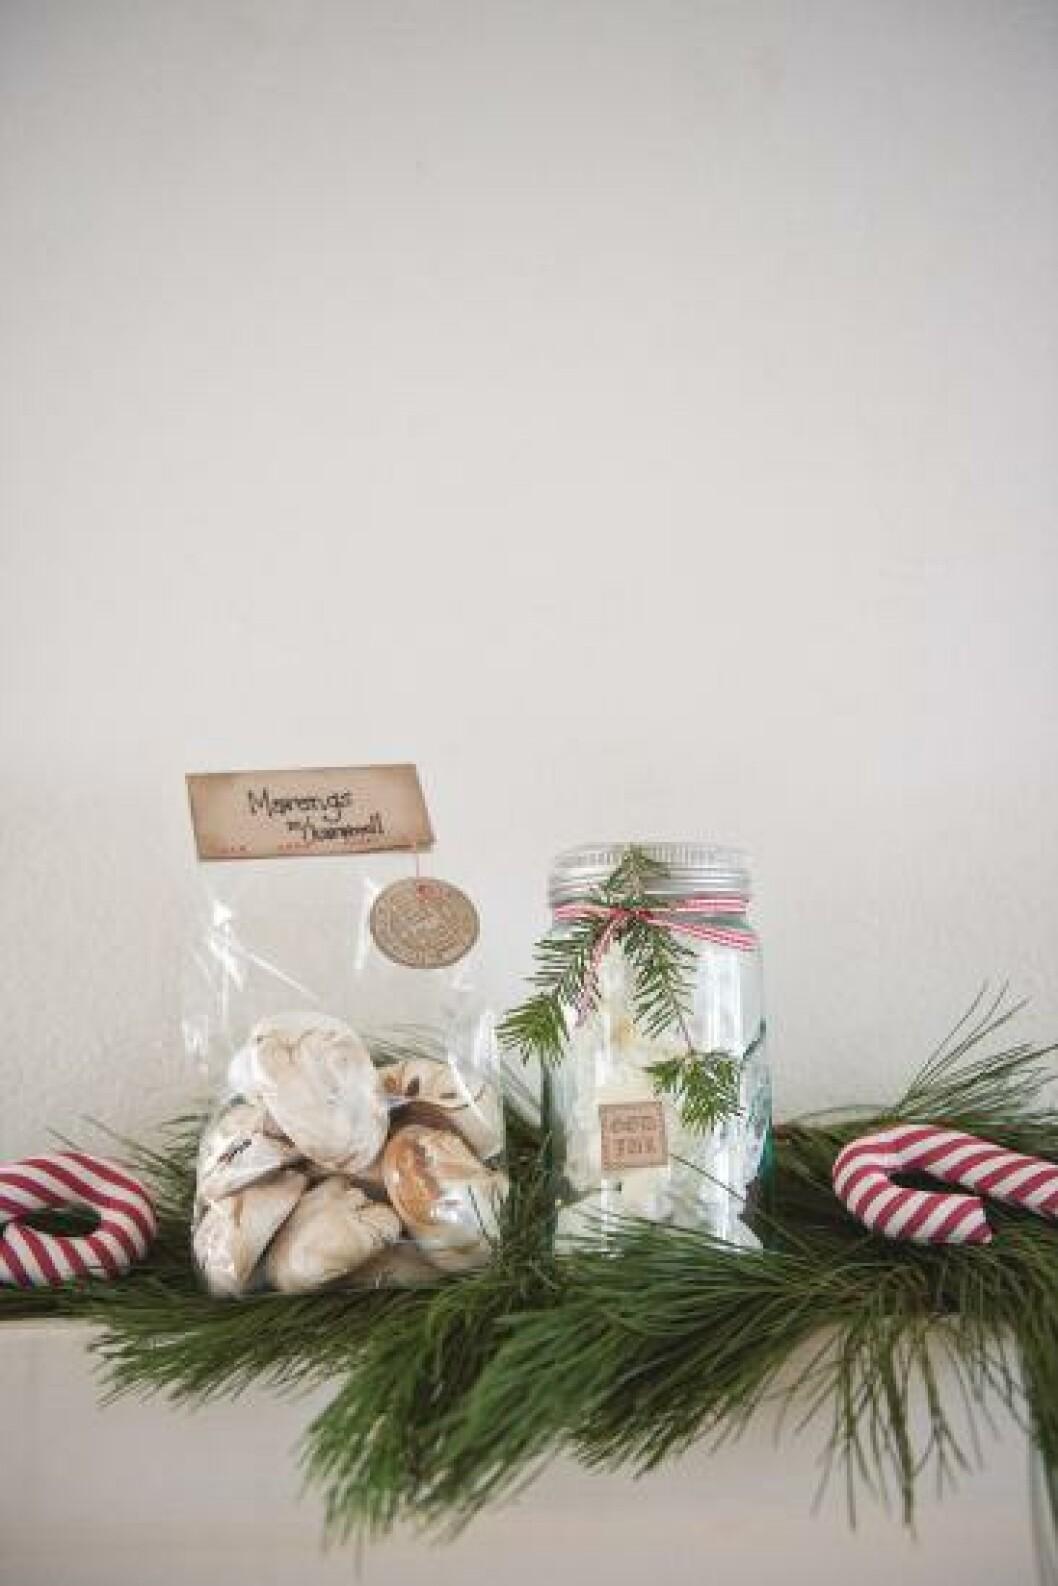 <strong>MARENGS:</strong> Deilig liten julegave som mange vil sette pris på. Foto: GURI PFEIFER